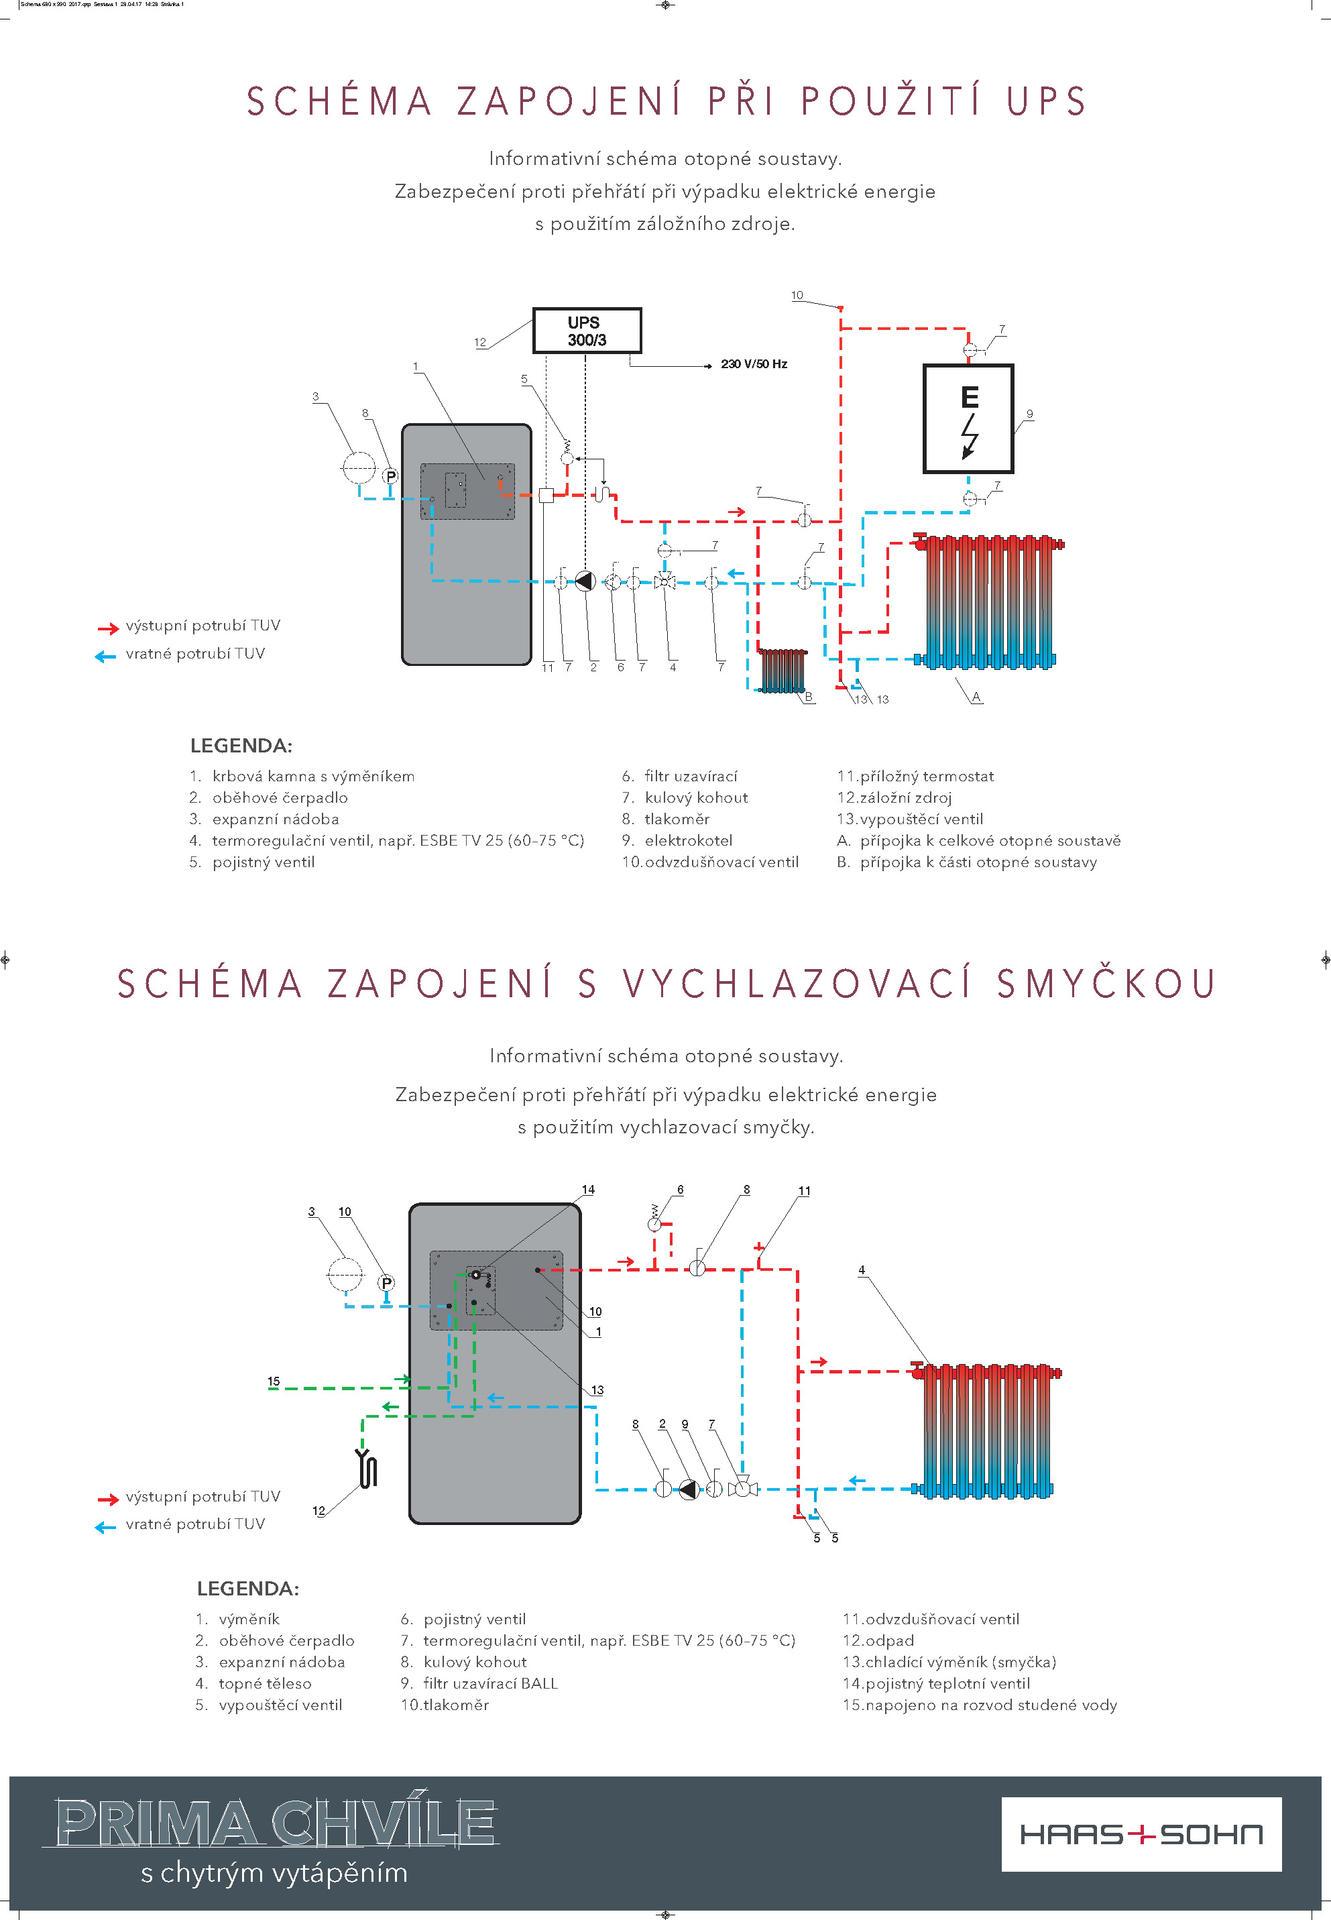 schema-680-x-990_2017_print7171